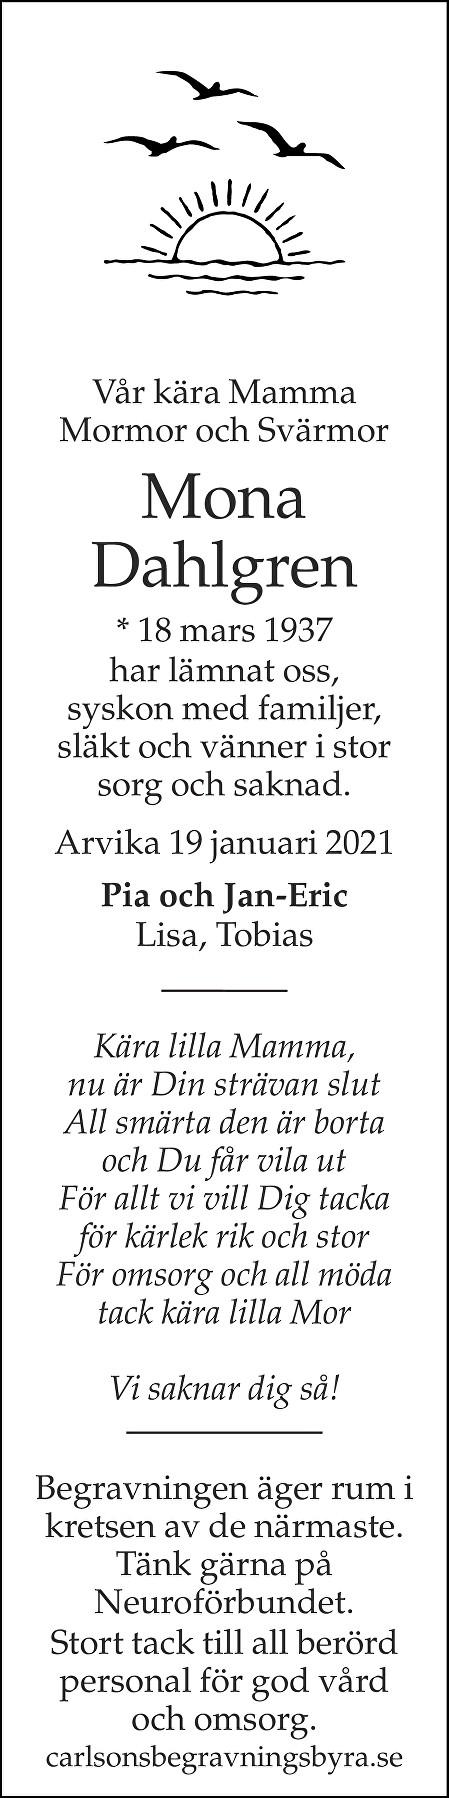 Mona Dahlgren Death notice